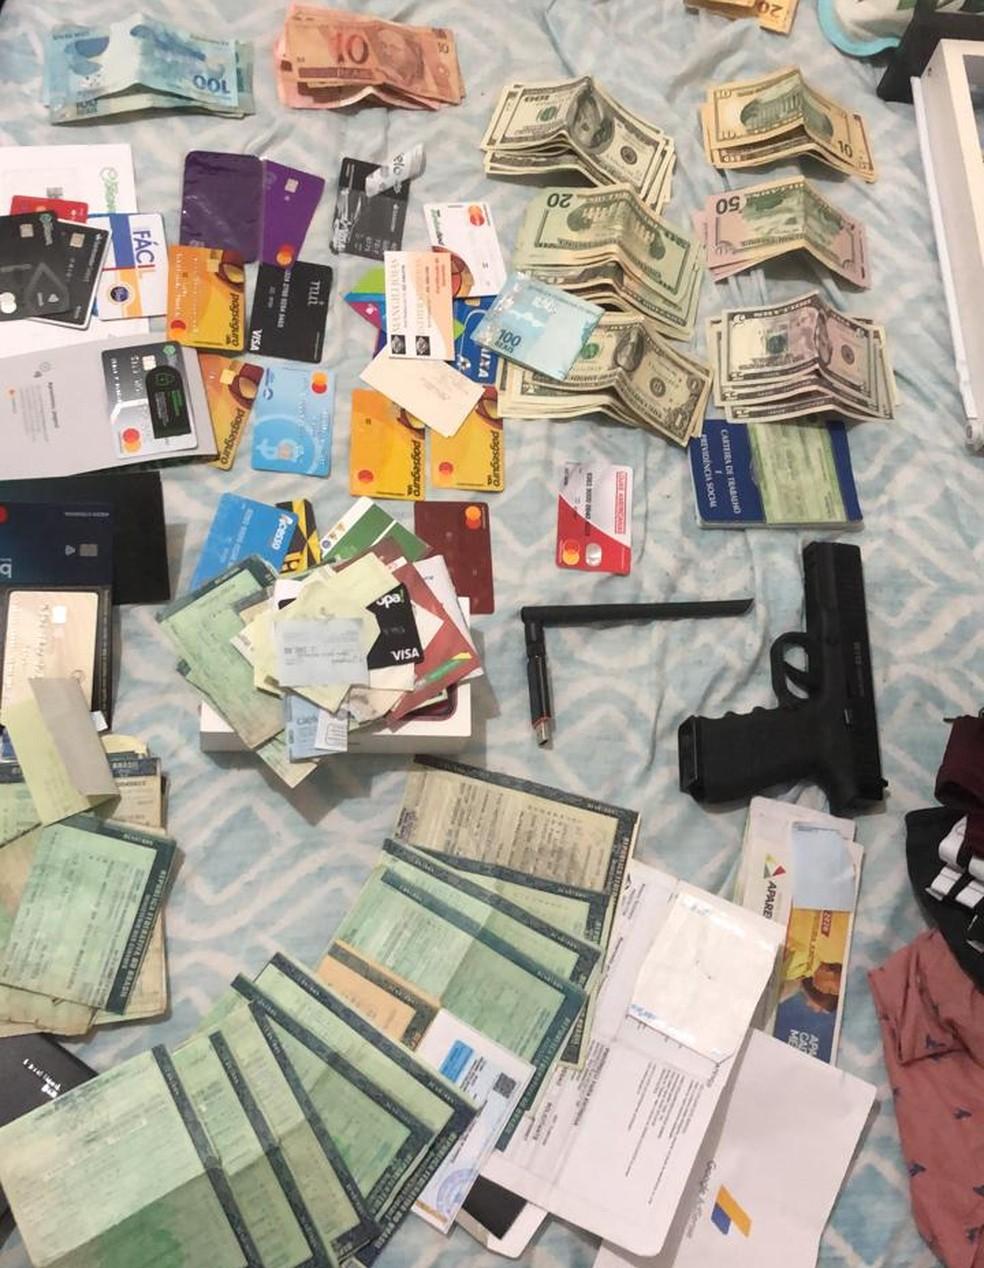 Documentos, cartões, arma e dinheiro apreendidos na Bahia, durante Operação 404 do Ministério da Justiça — Foto: Arquivo pessoal